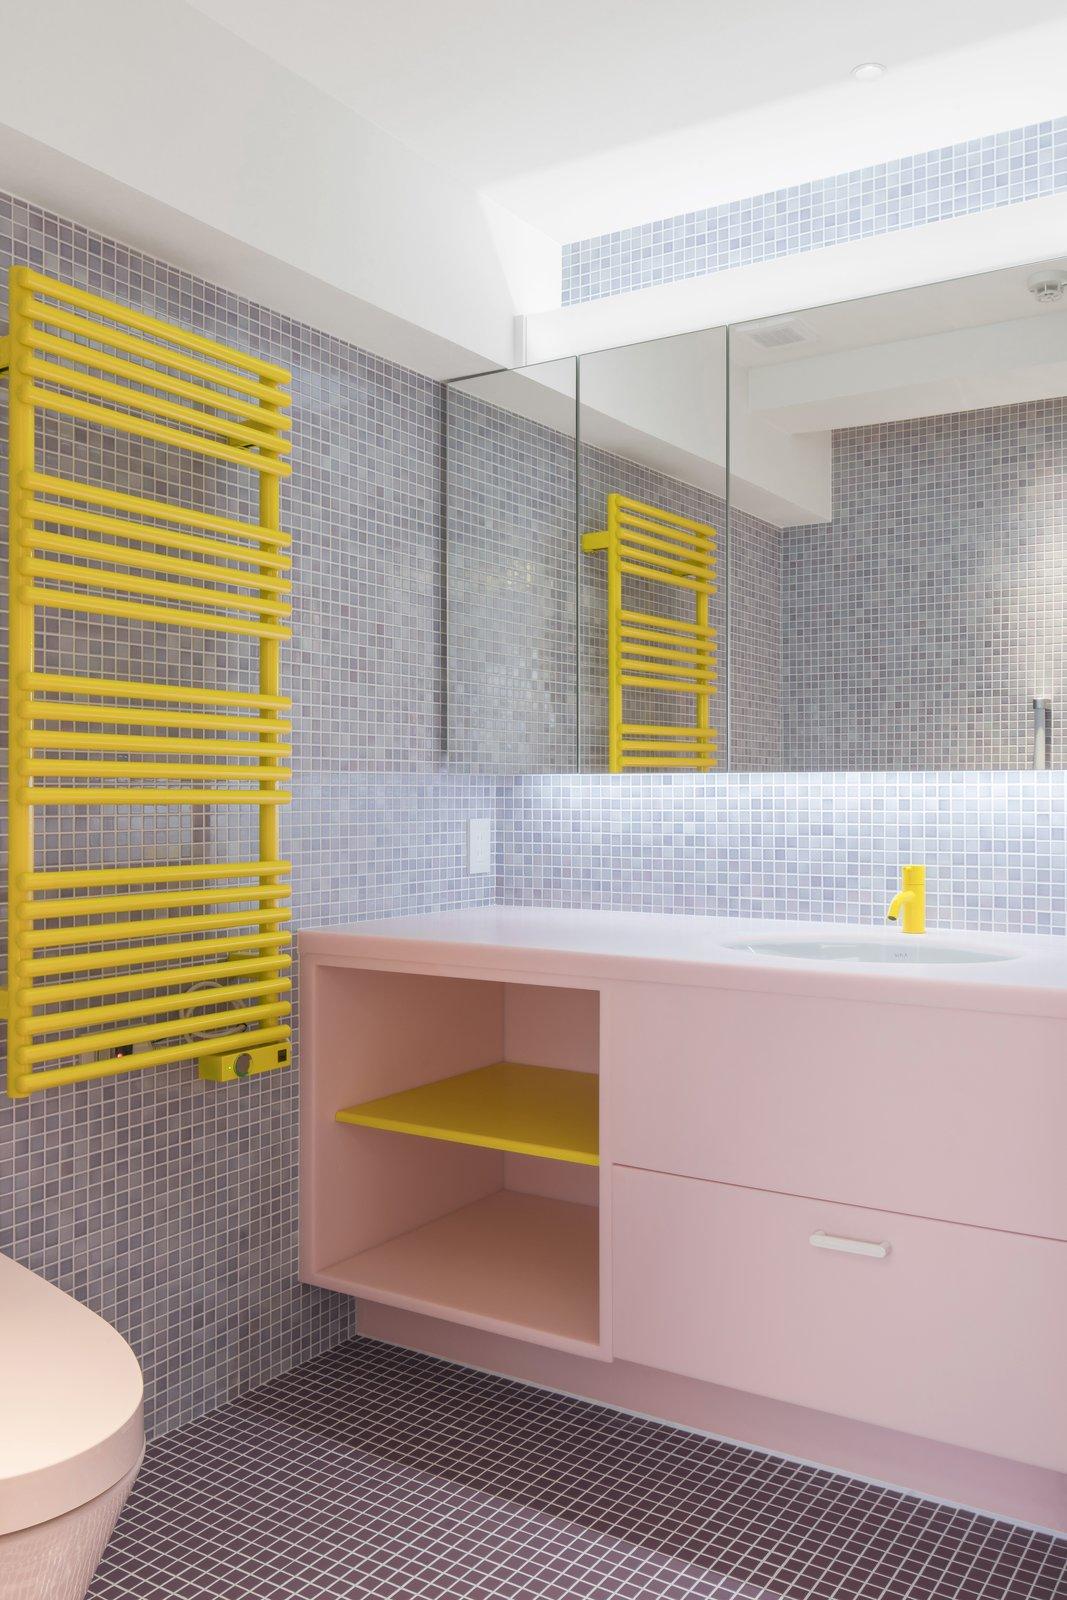 Nagatcho by Adam Nathaniel Furman bathroom